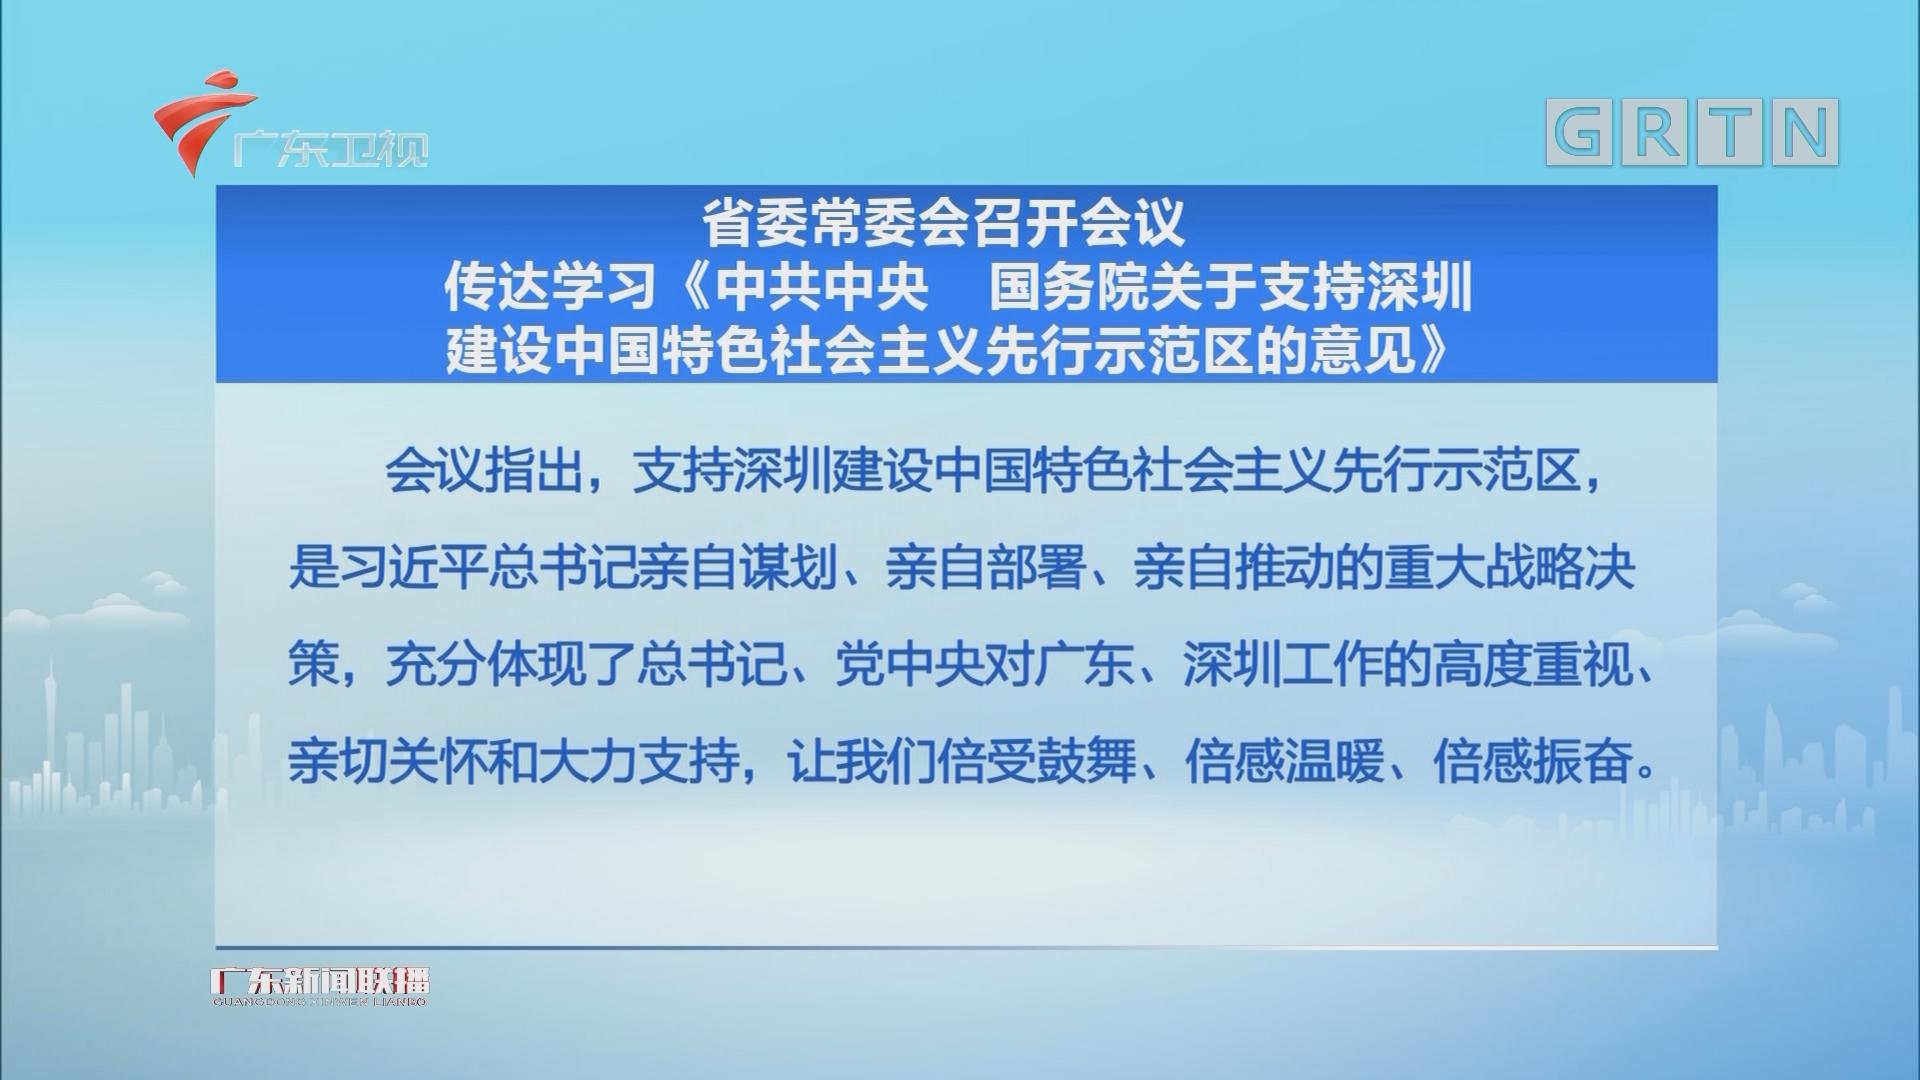 省委常委会召开会议 传达学习《中共中央 国务院关于支持深圳建设中国特色社会主义先行示范区的意见》